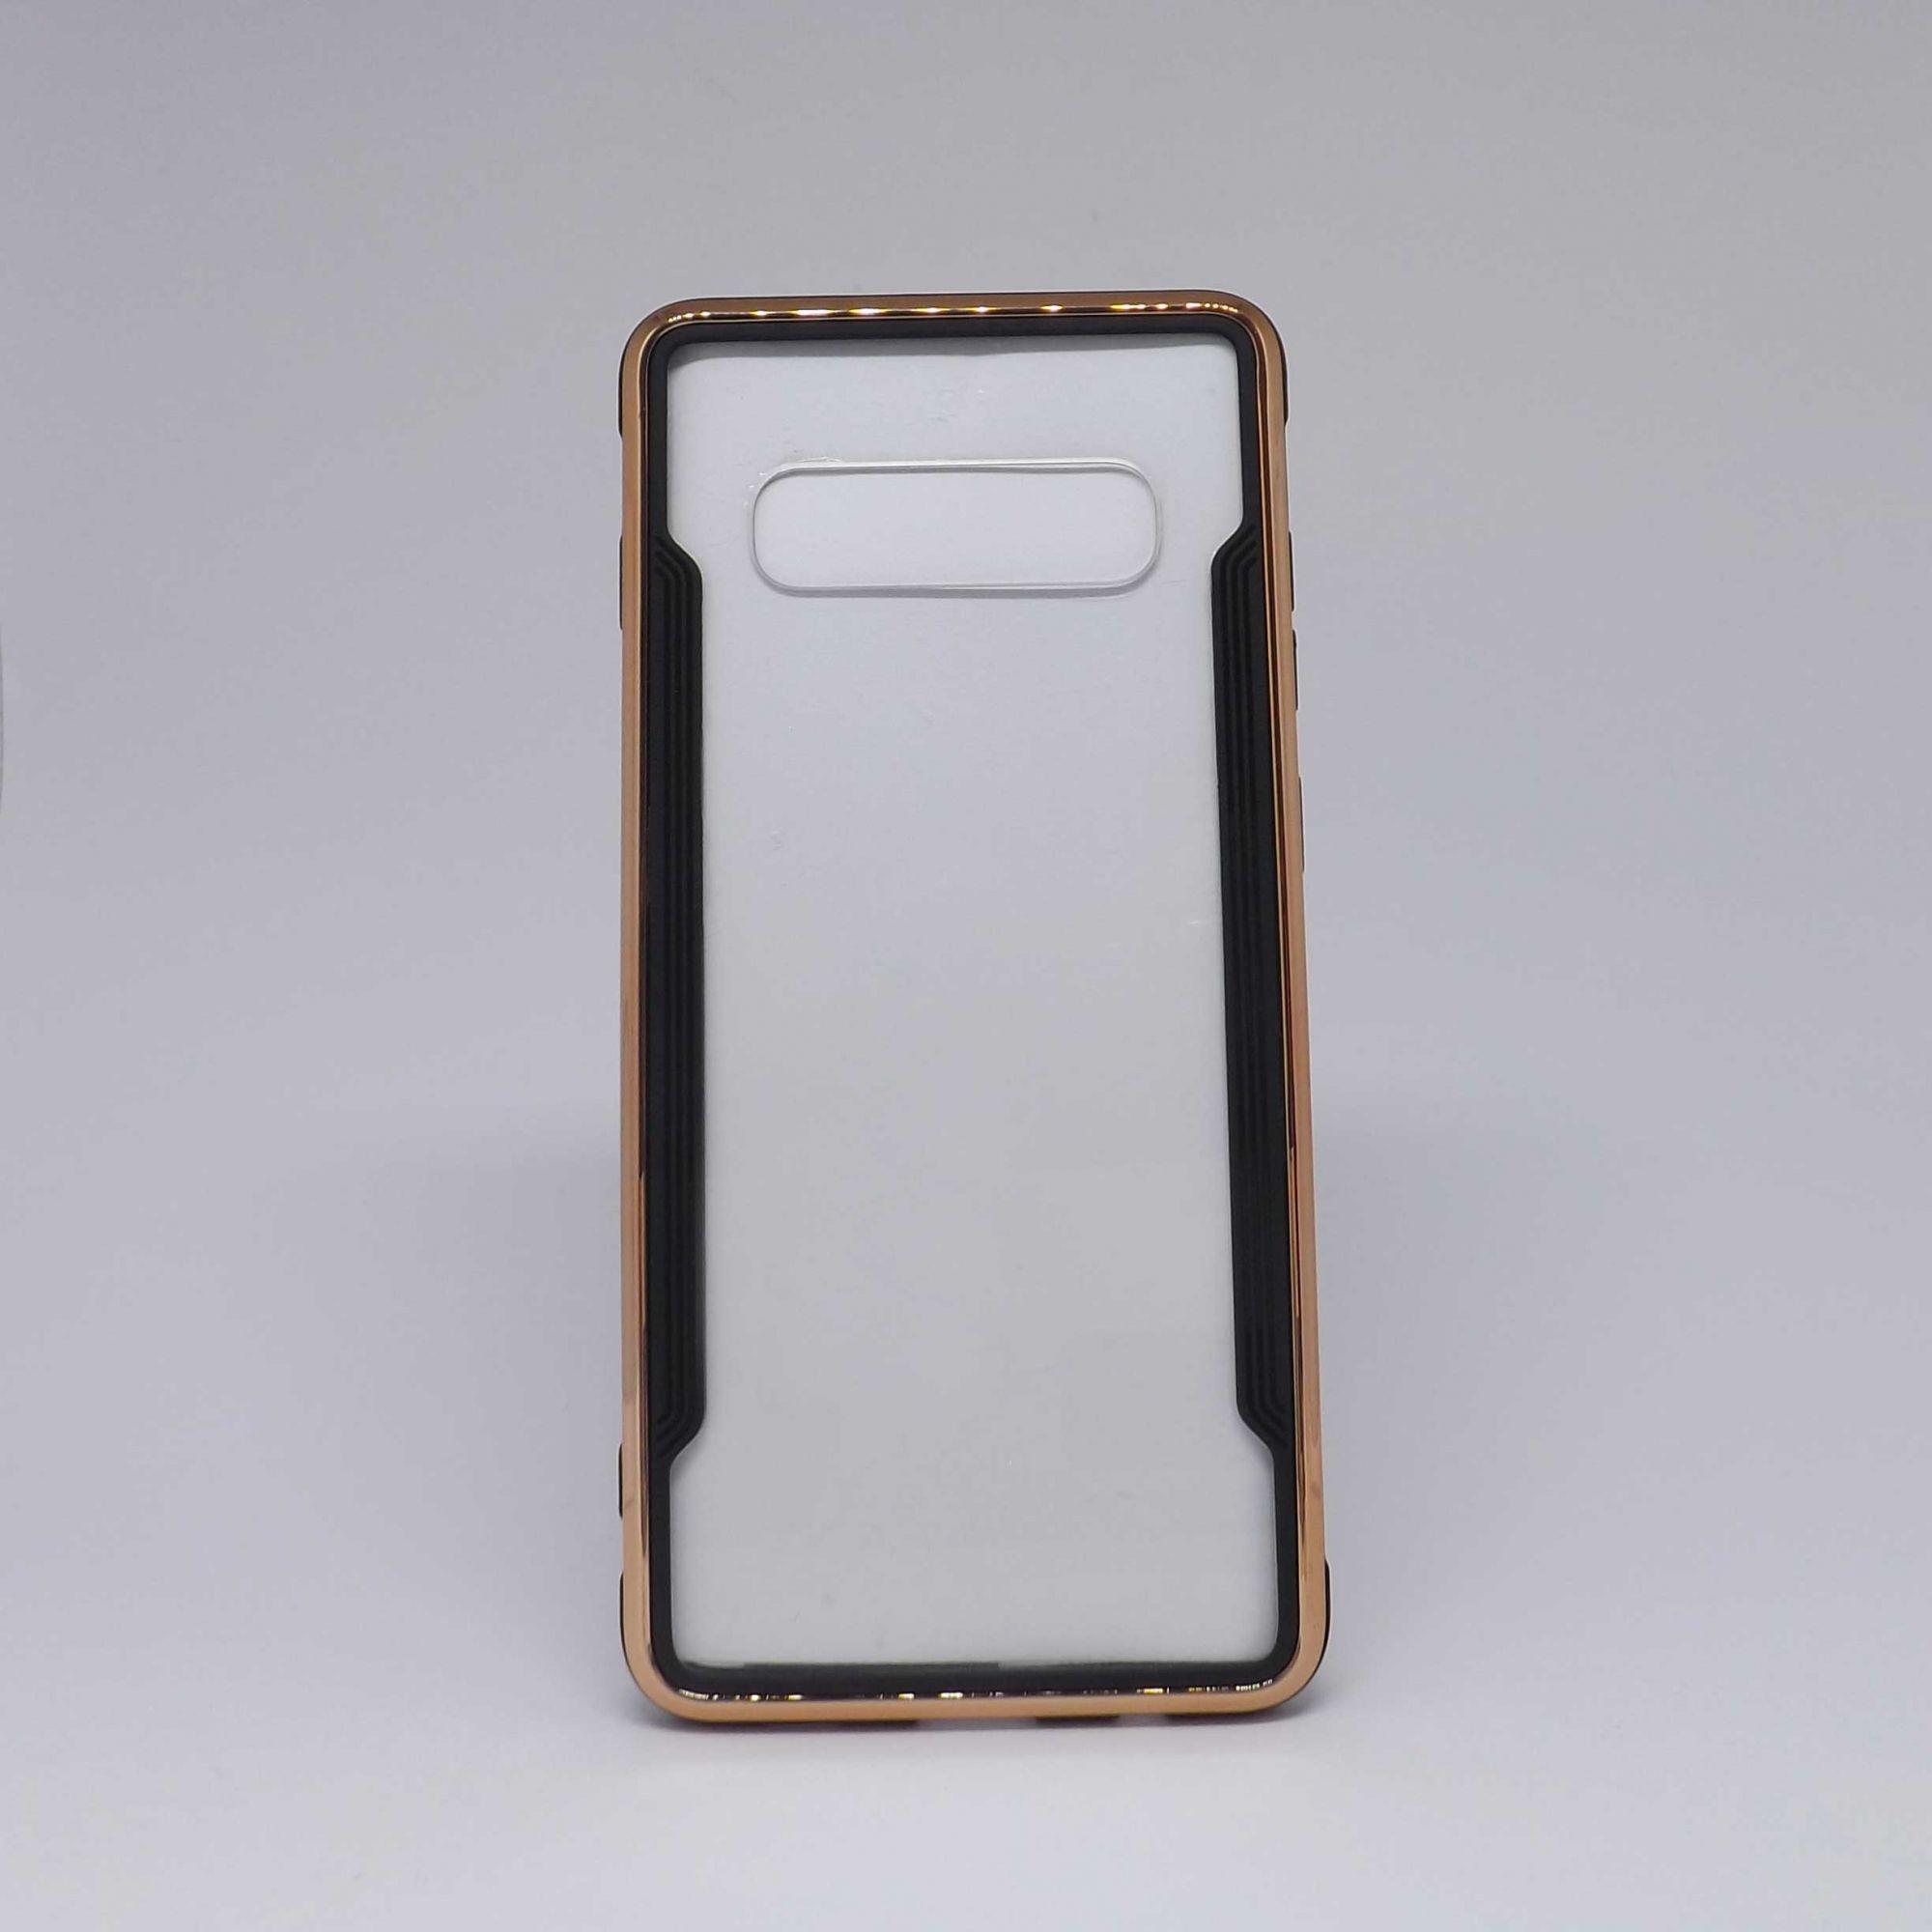 Capa Samsung Galaxy S10 Plus Transparente com Borda Metalizada